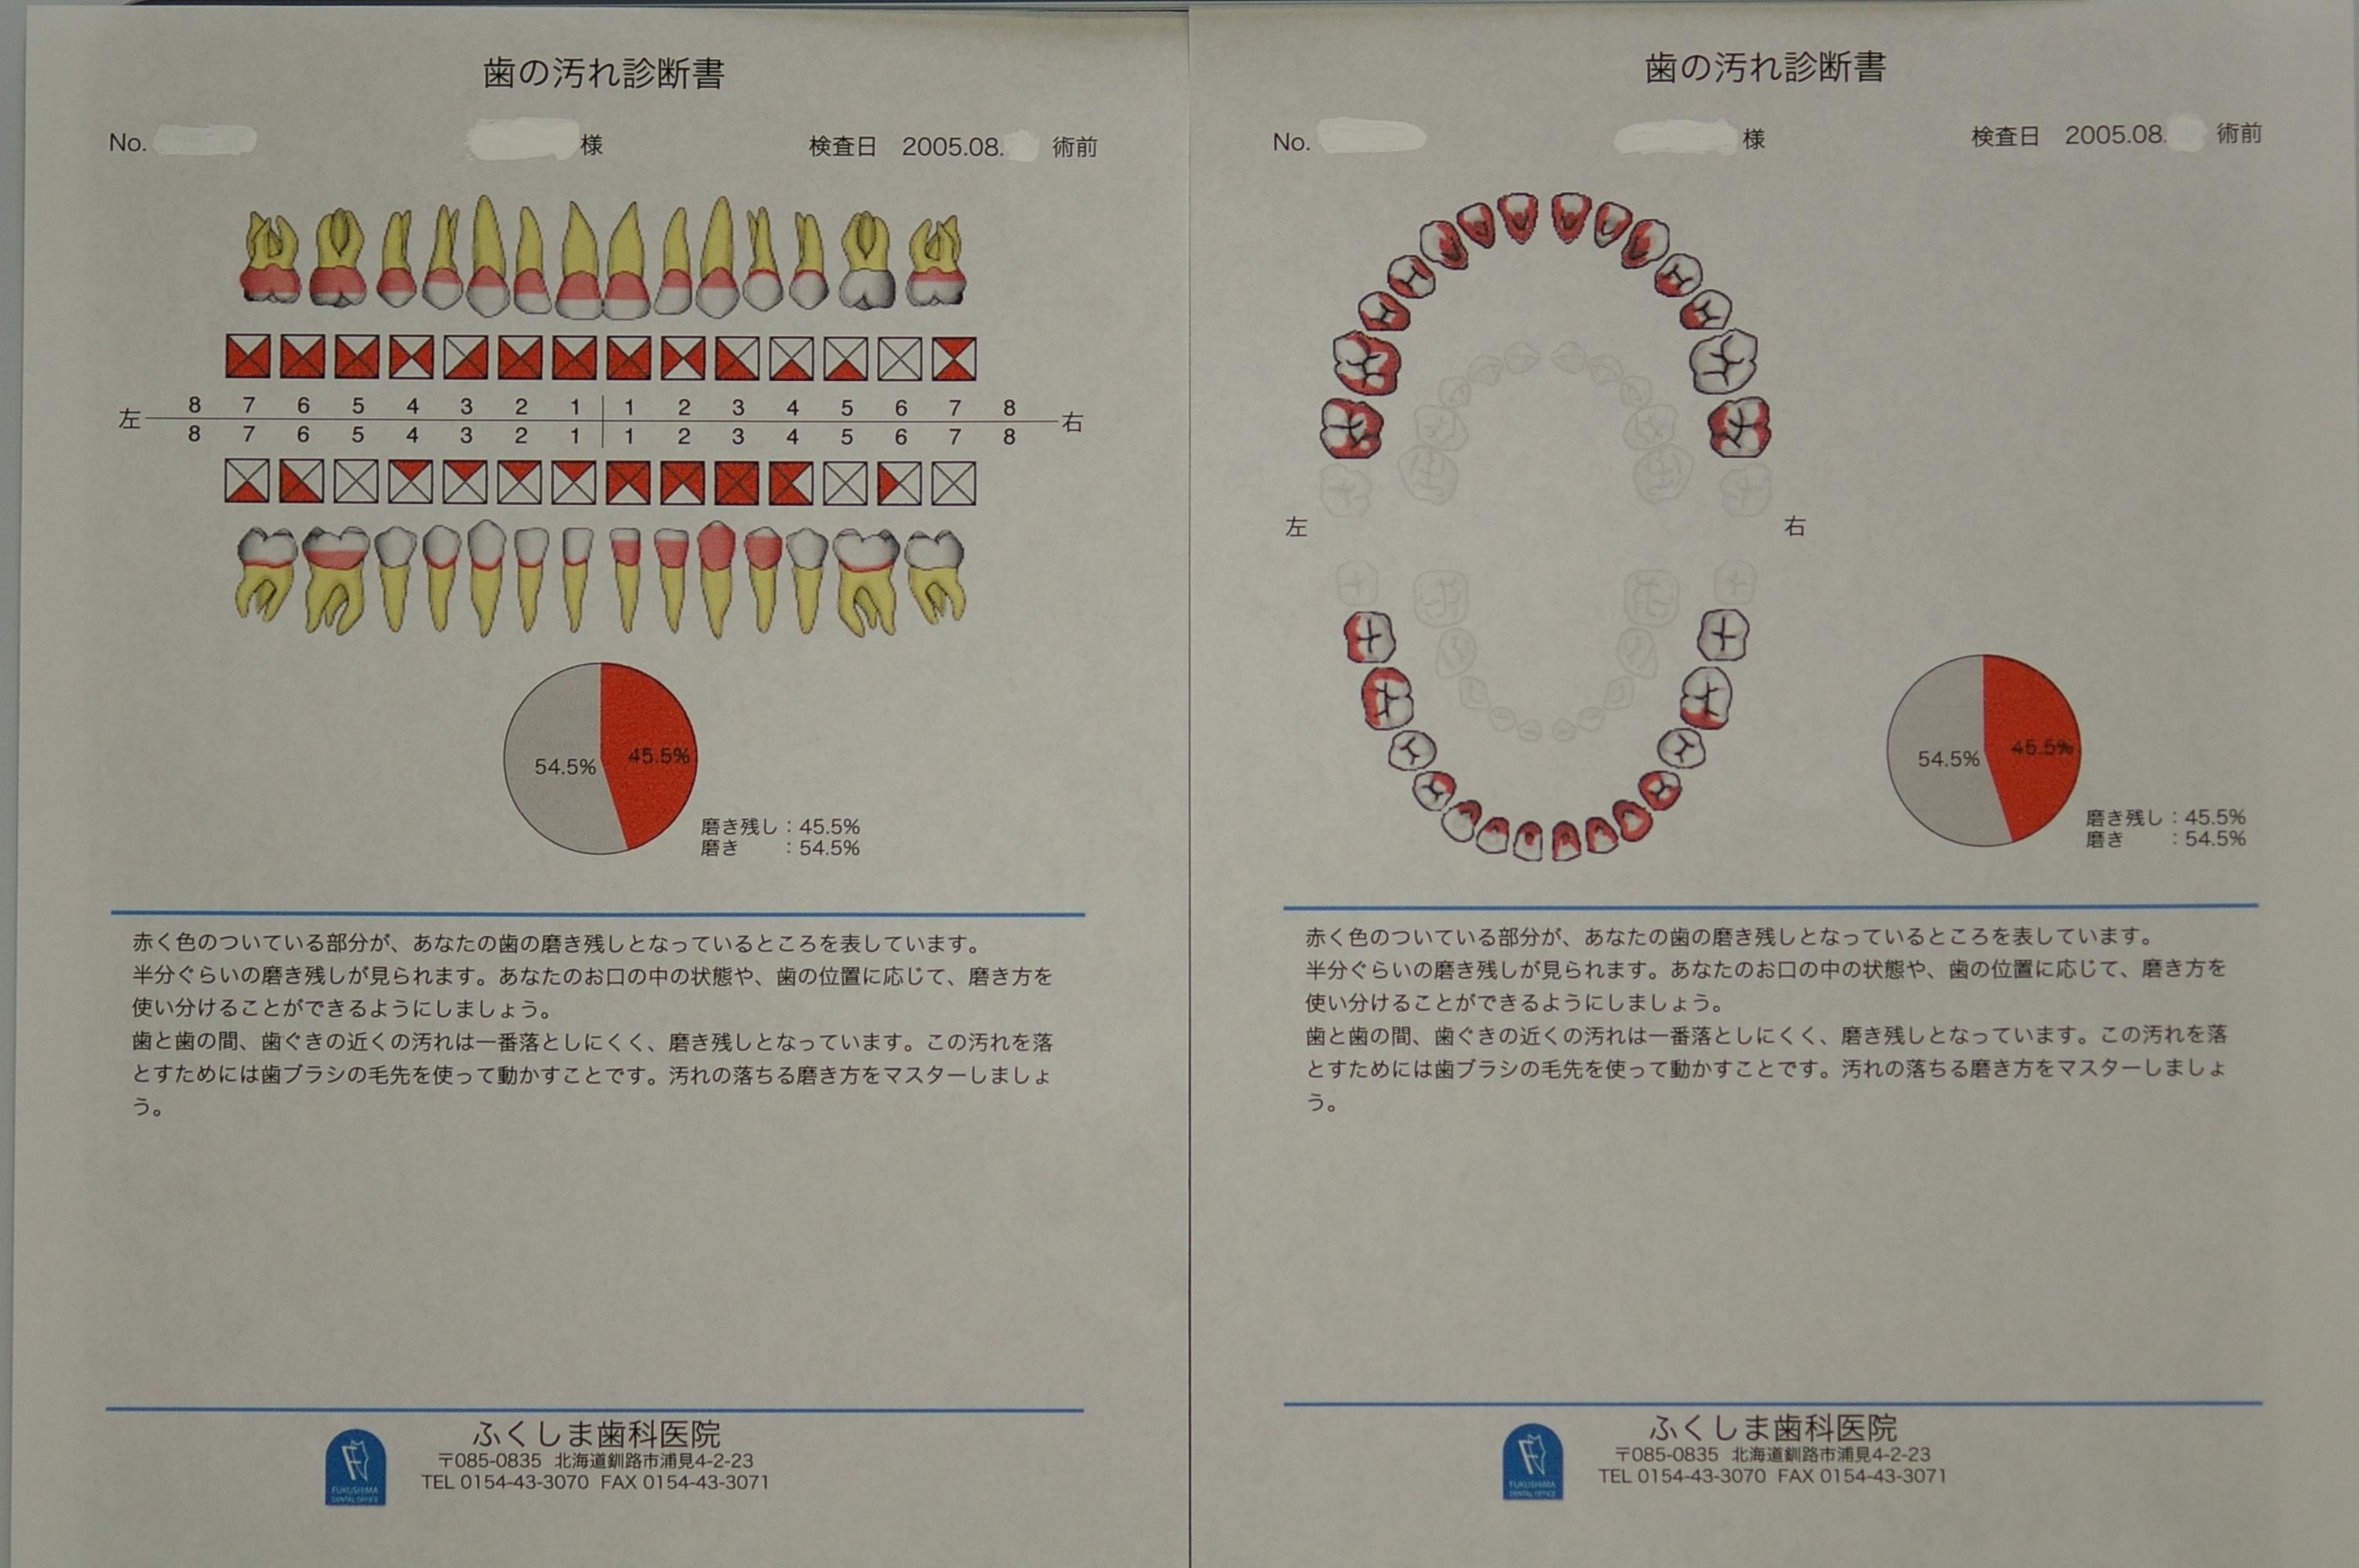 歯の検査結果の診断書を印刷して配布サービス